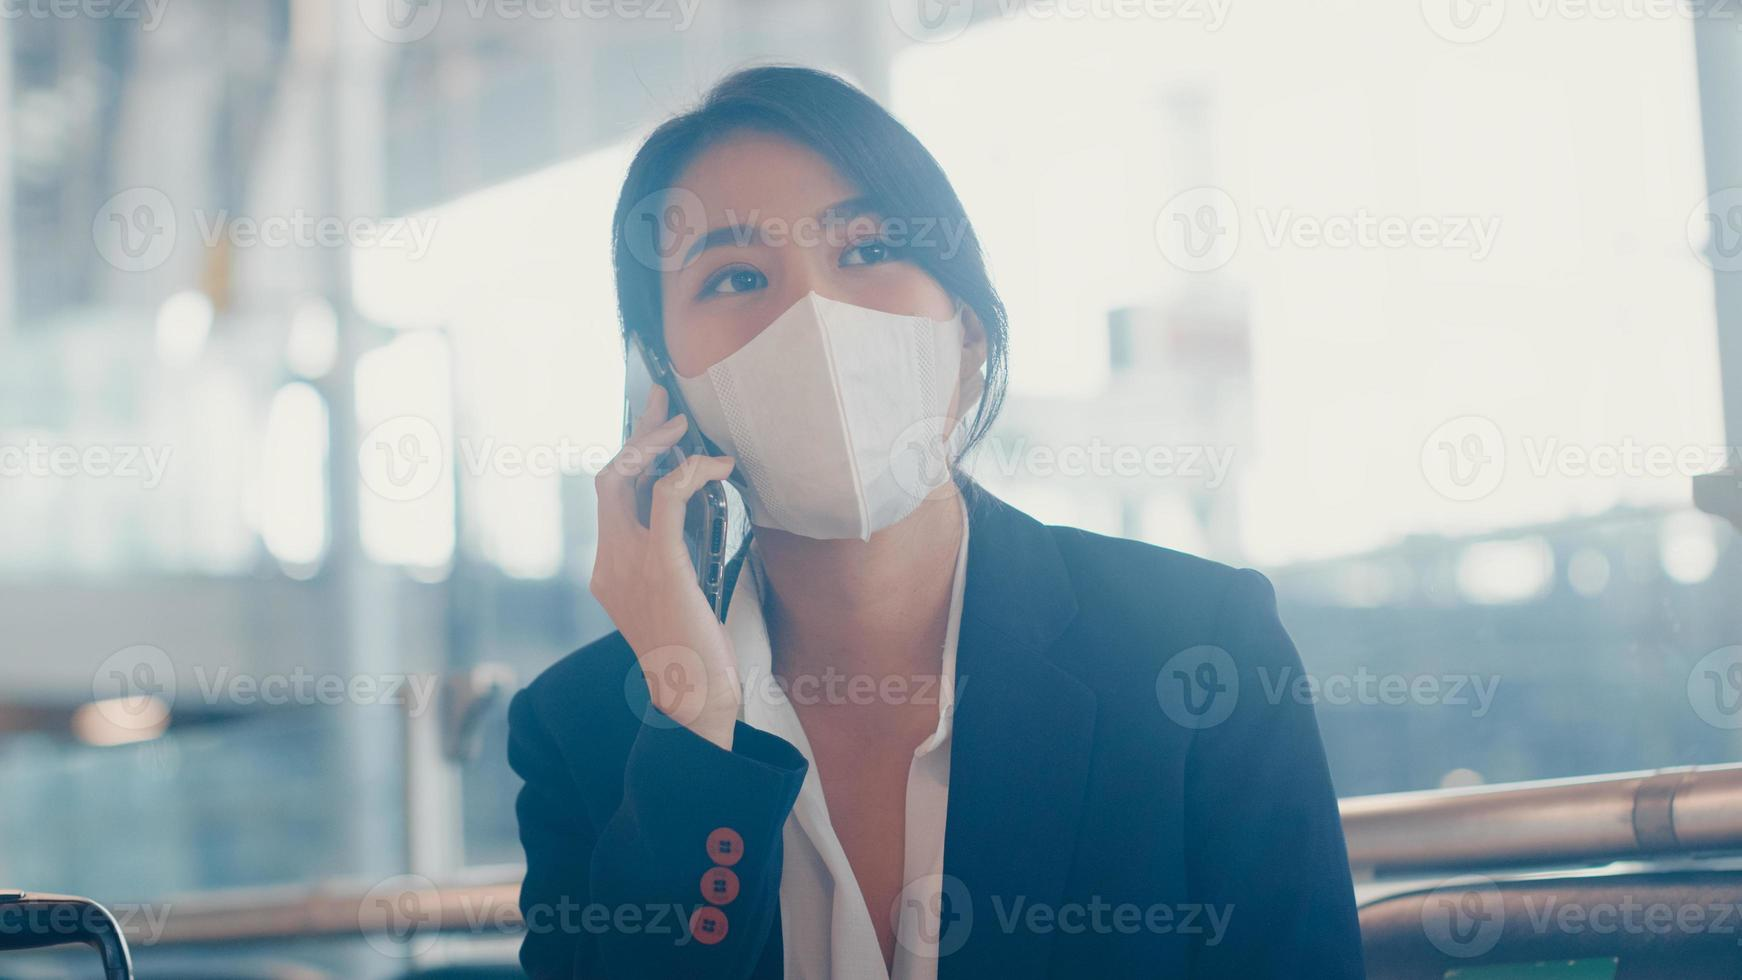 smart asiatisk affärsflicka bär kostym sitter med resväska i bänk samtal smart telefonsamtal med partner vänta på flygning på flygplatsen. affärsresependlare i covid -pandemi, affärsresekoncept. foto